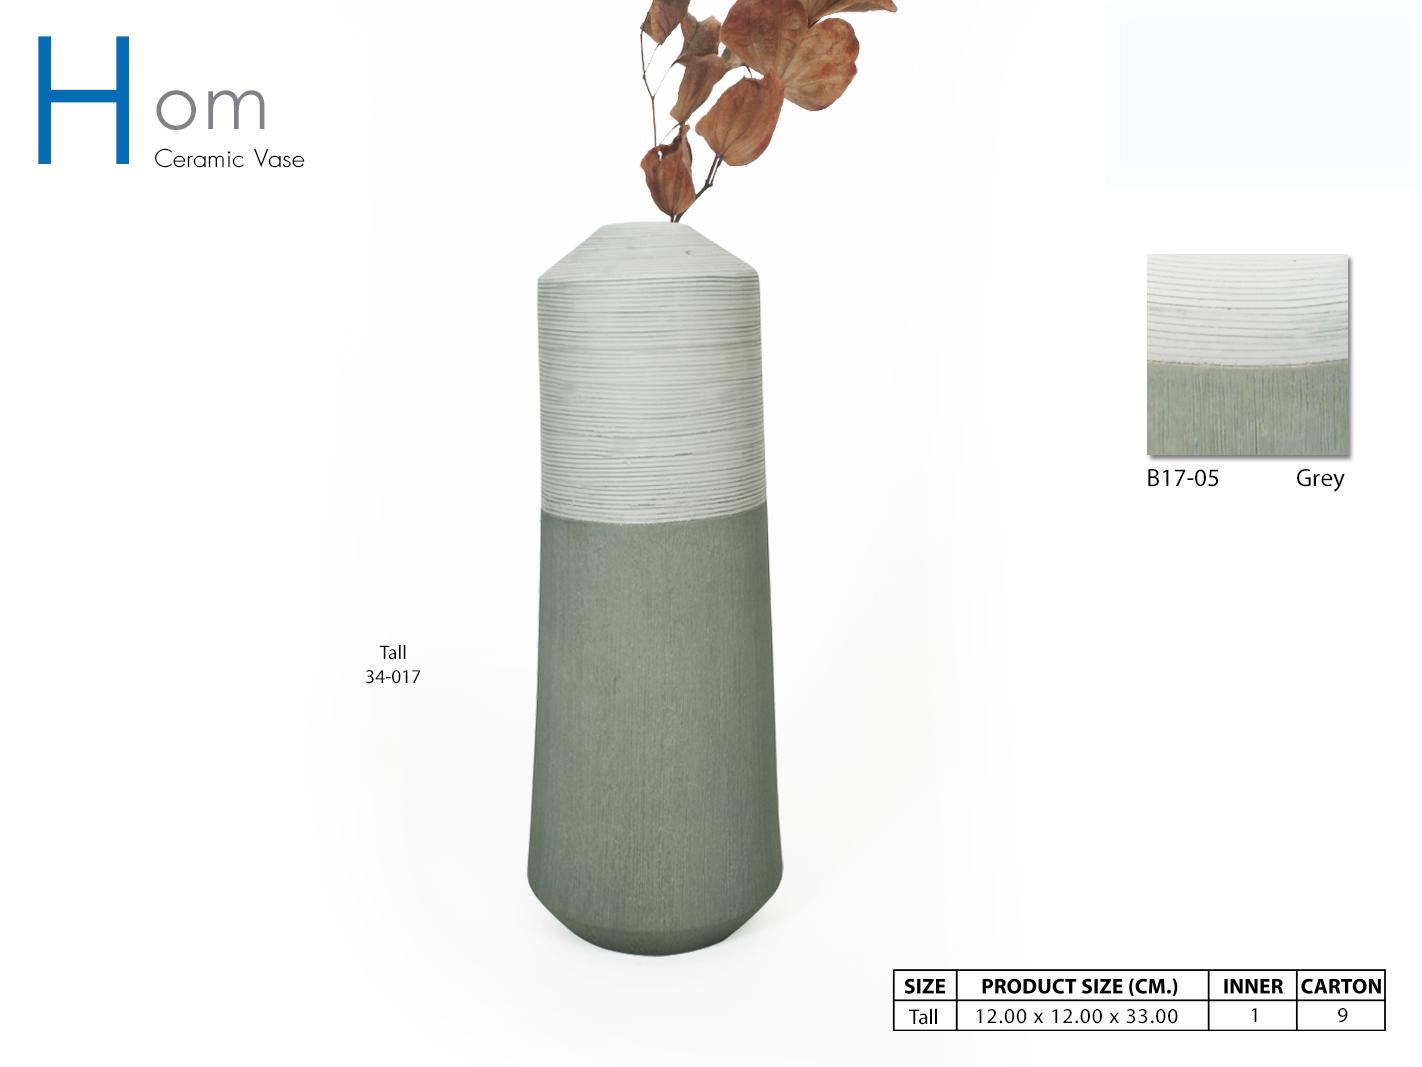 PSCV-Hom-Tall-B17-05